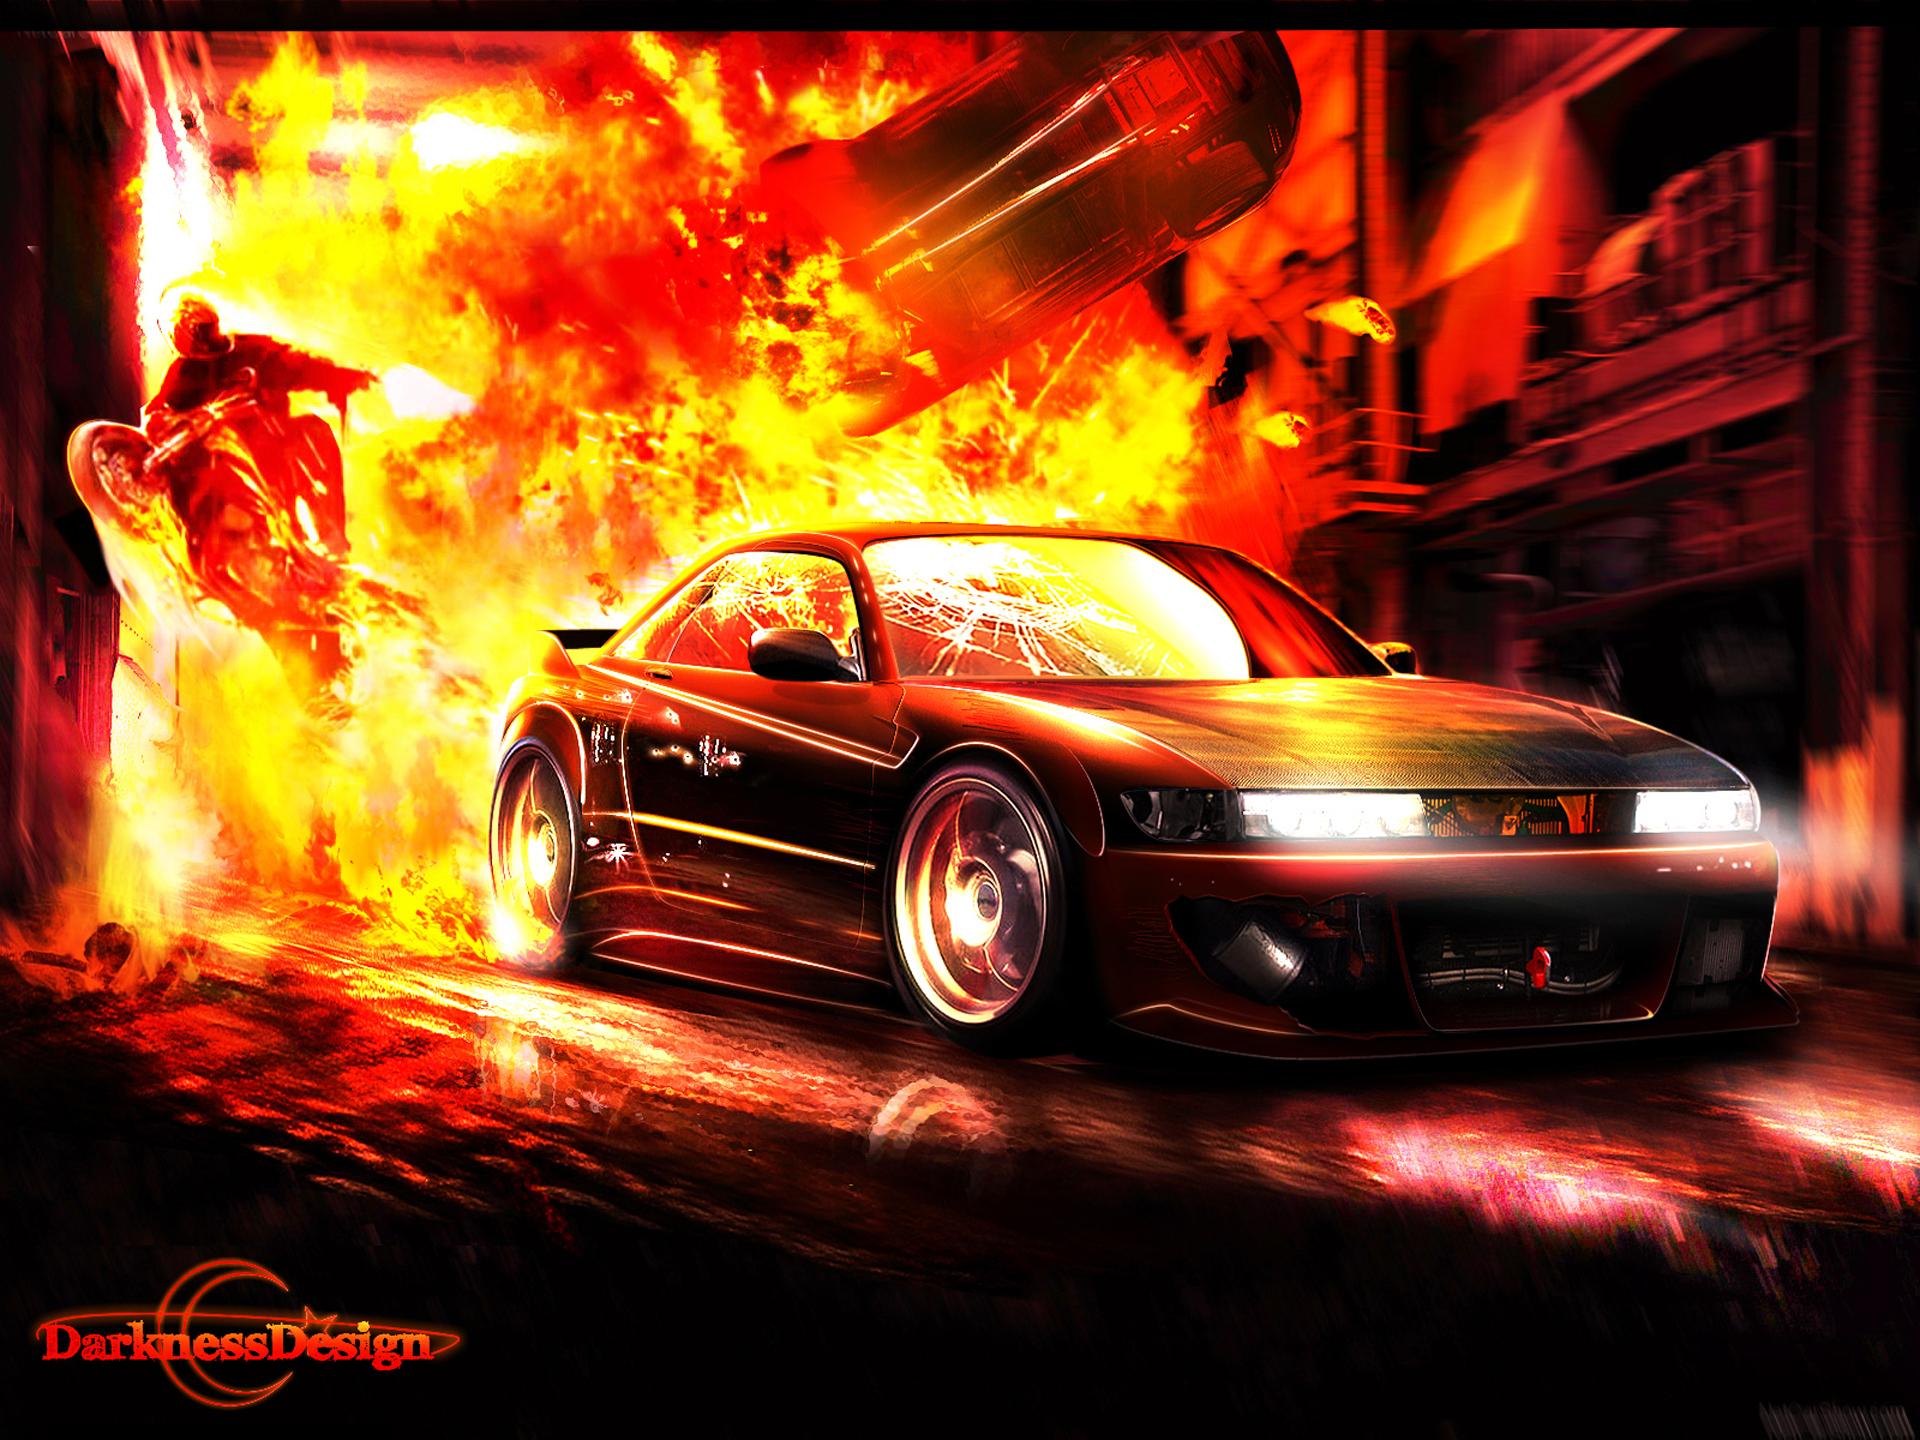 оттенками картинки машин огнем скажу, отделка